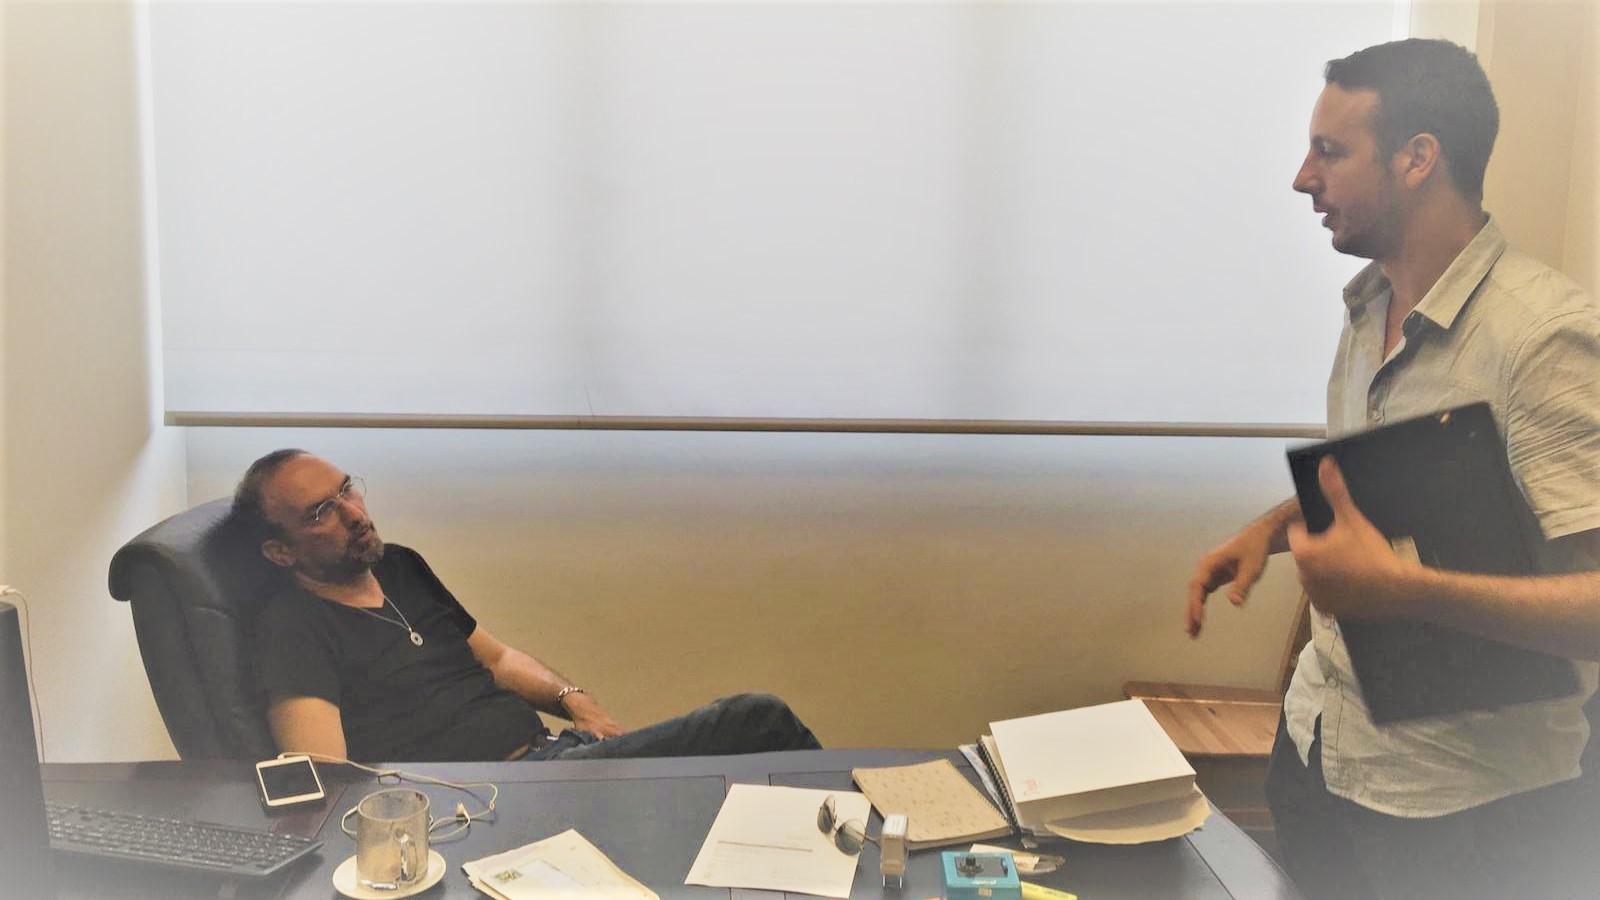 """גולן פרצר רצה להיות בצד של הכסף: """"פרסום סמוי זה שם מפגר שיש אותו רק בעברית"""" 1"""